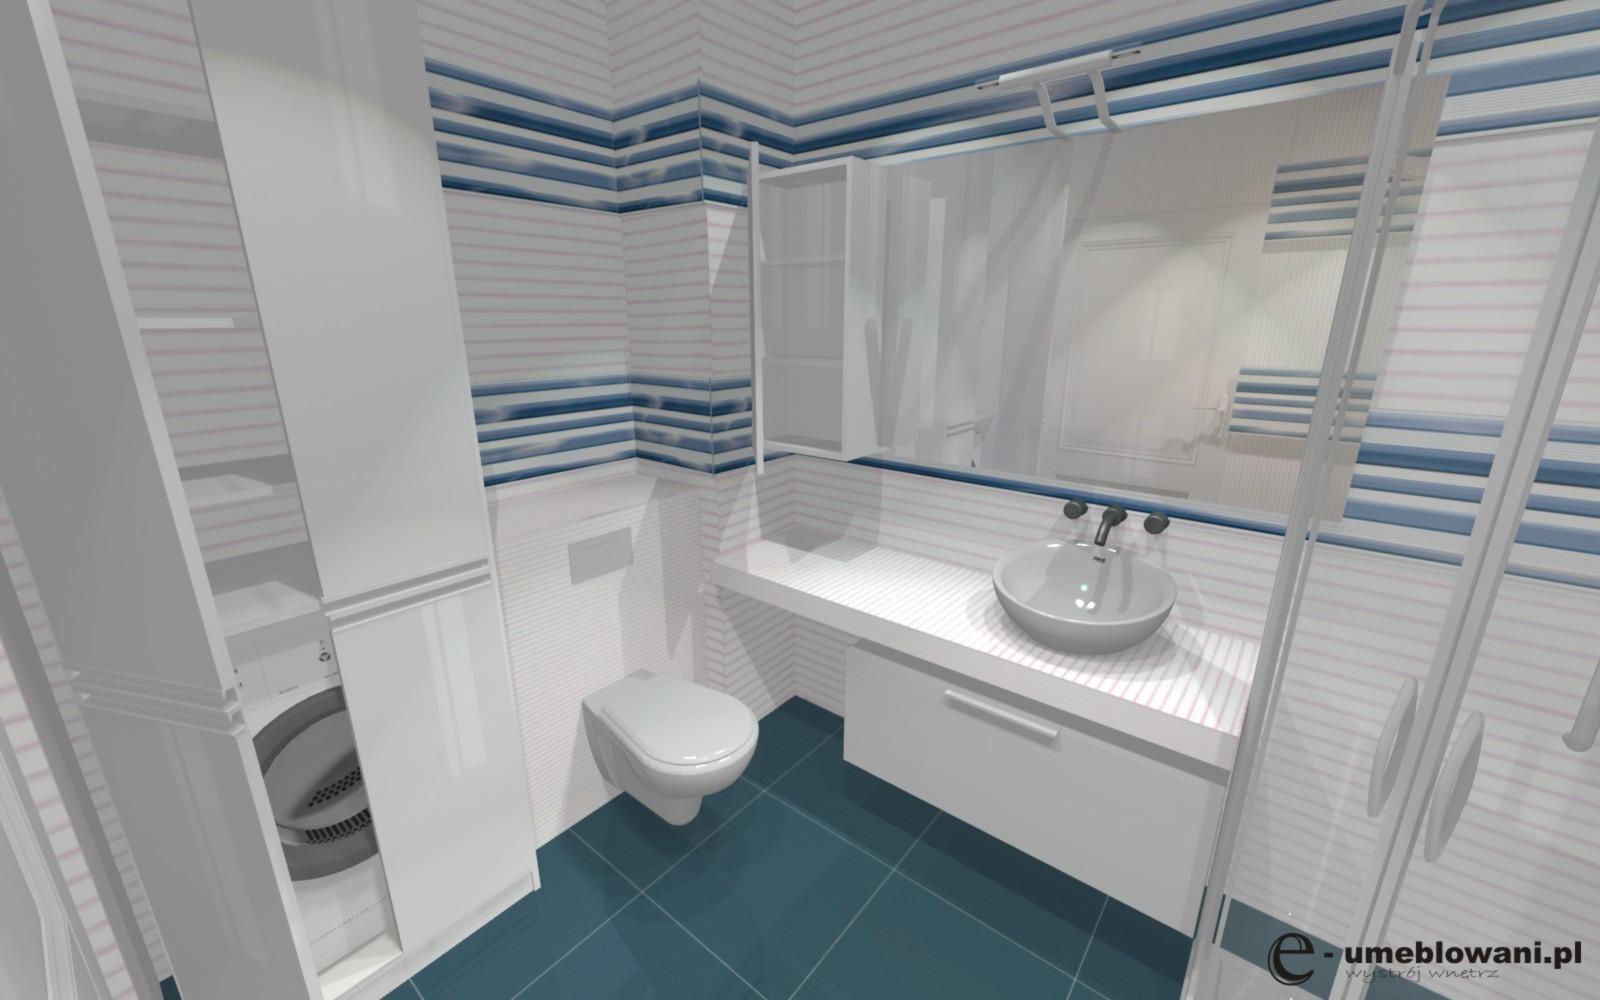 mała łazienka biało-niebieska zabudowa pralki